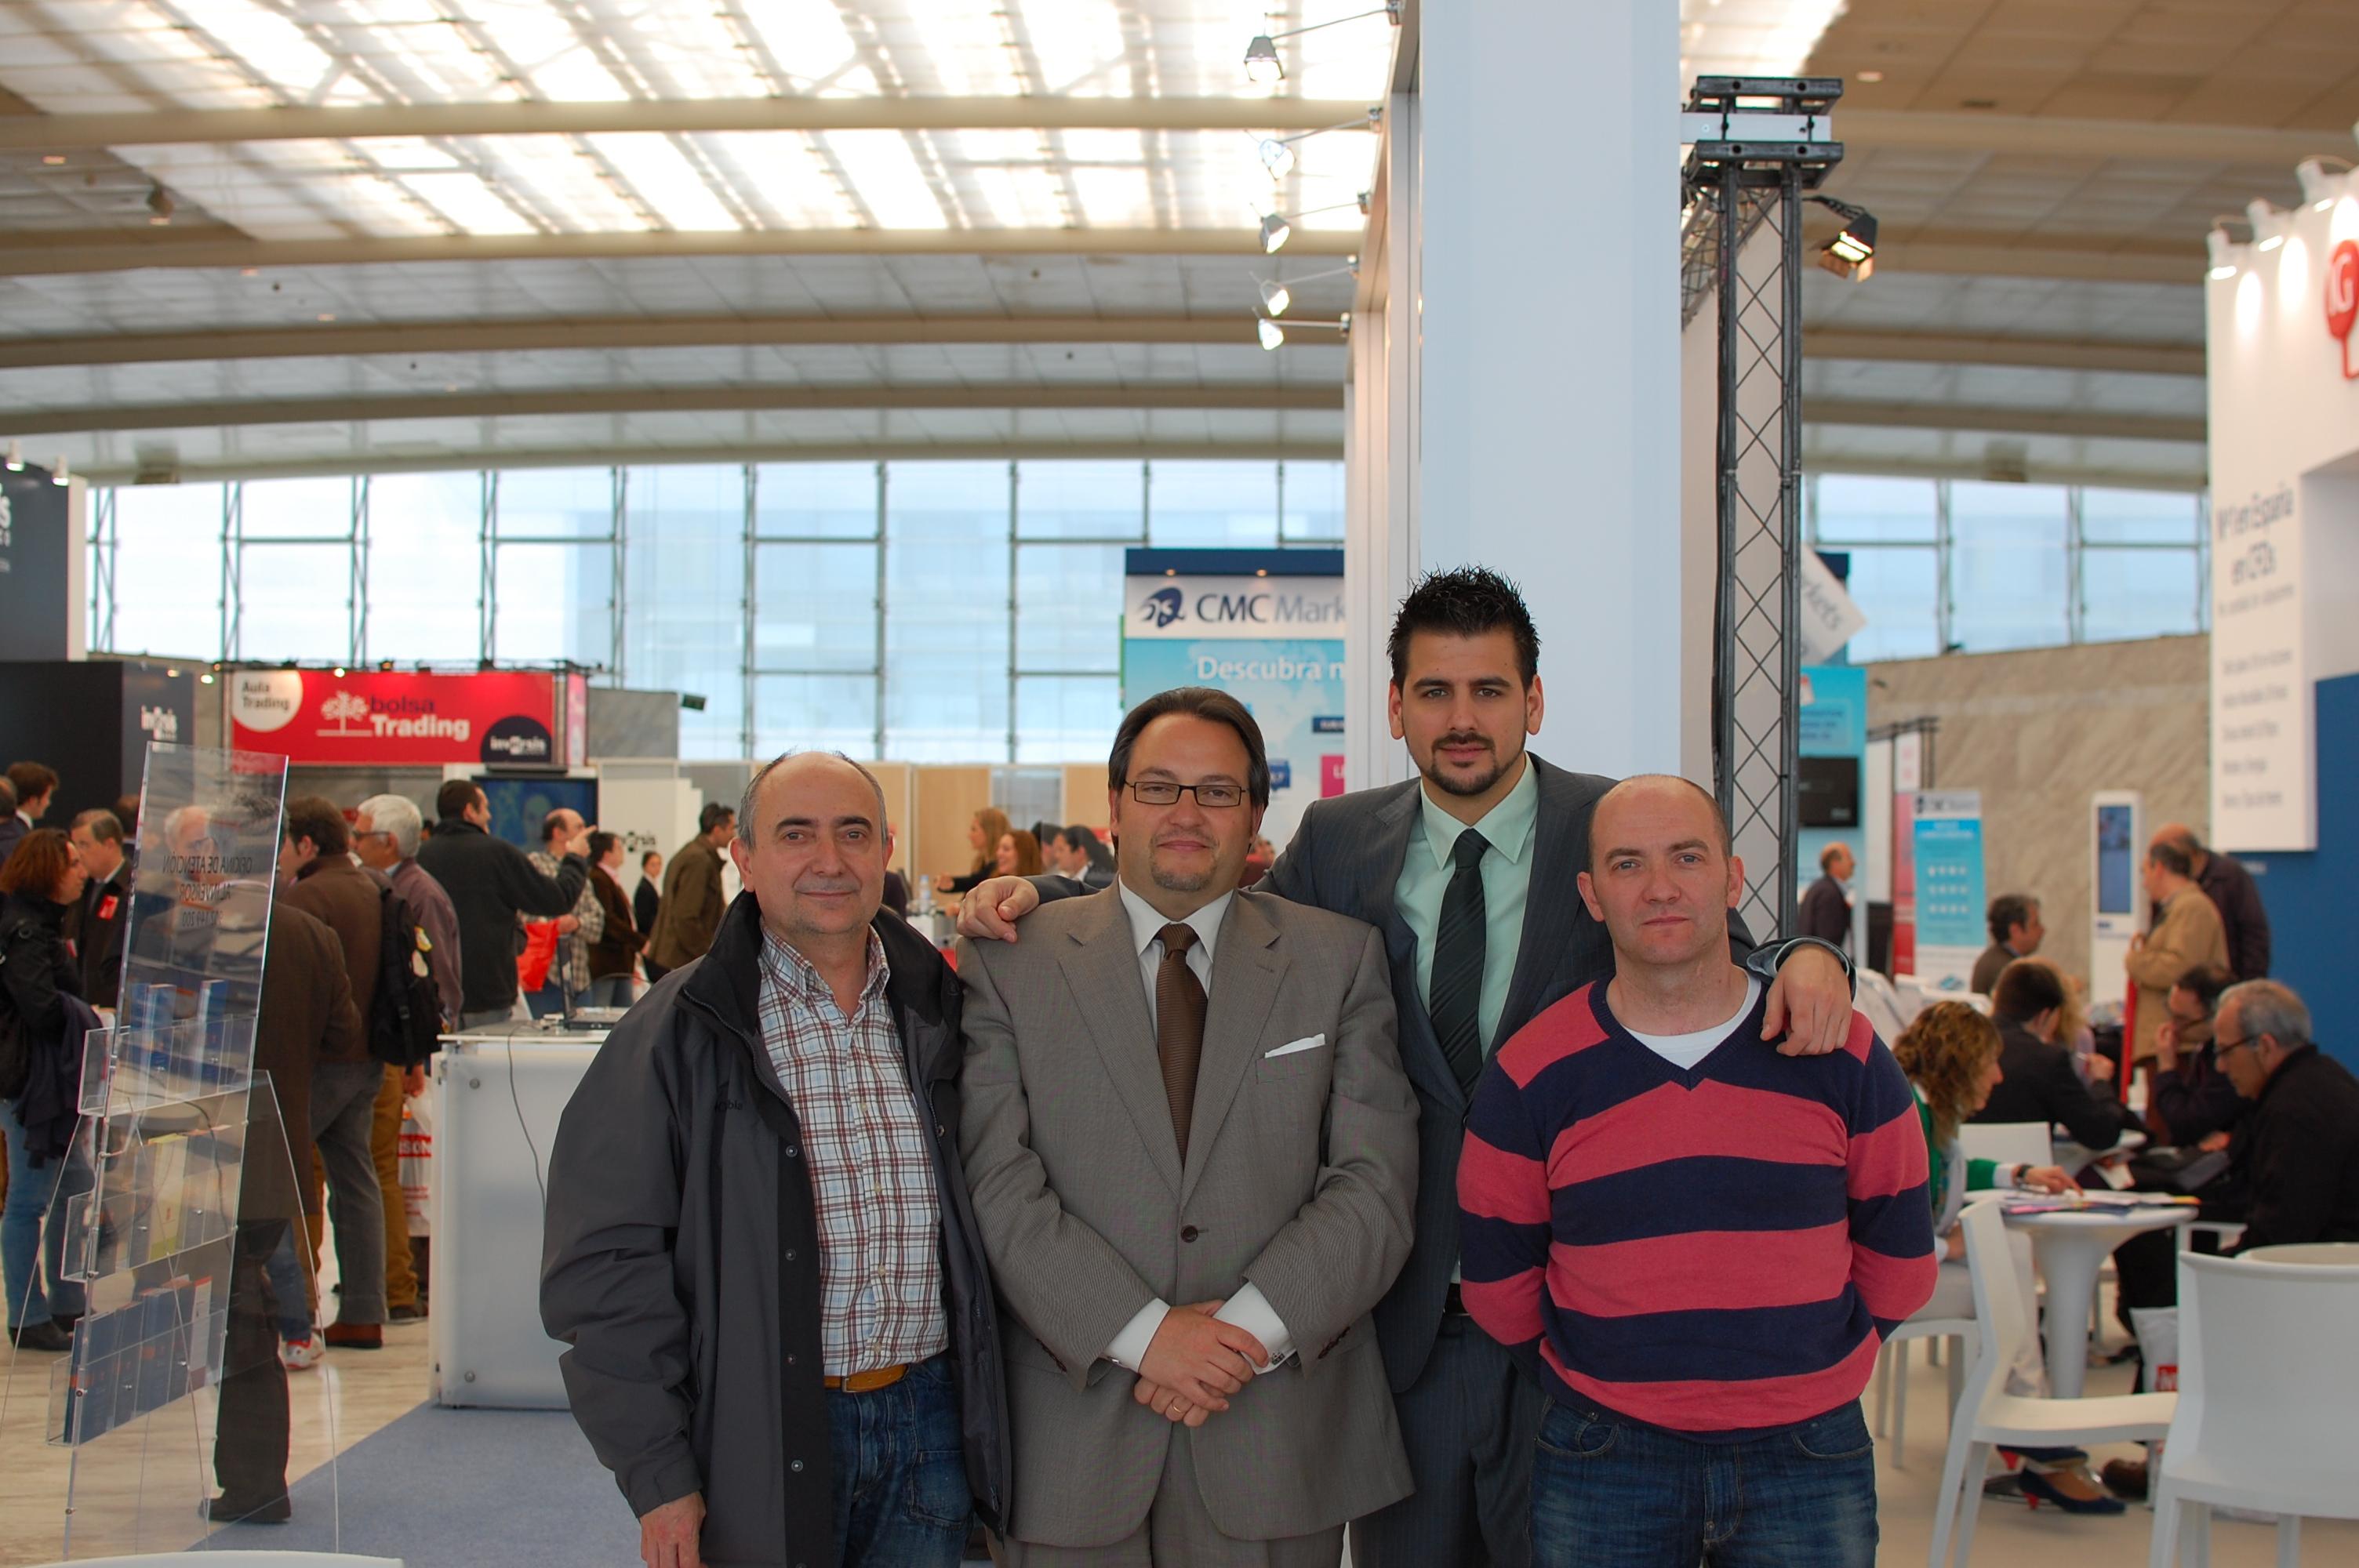 Ángel, Juanjo, Uxío, Miguel